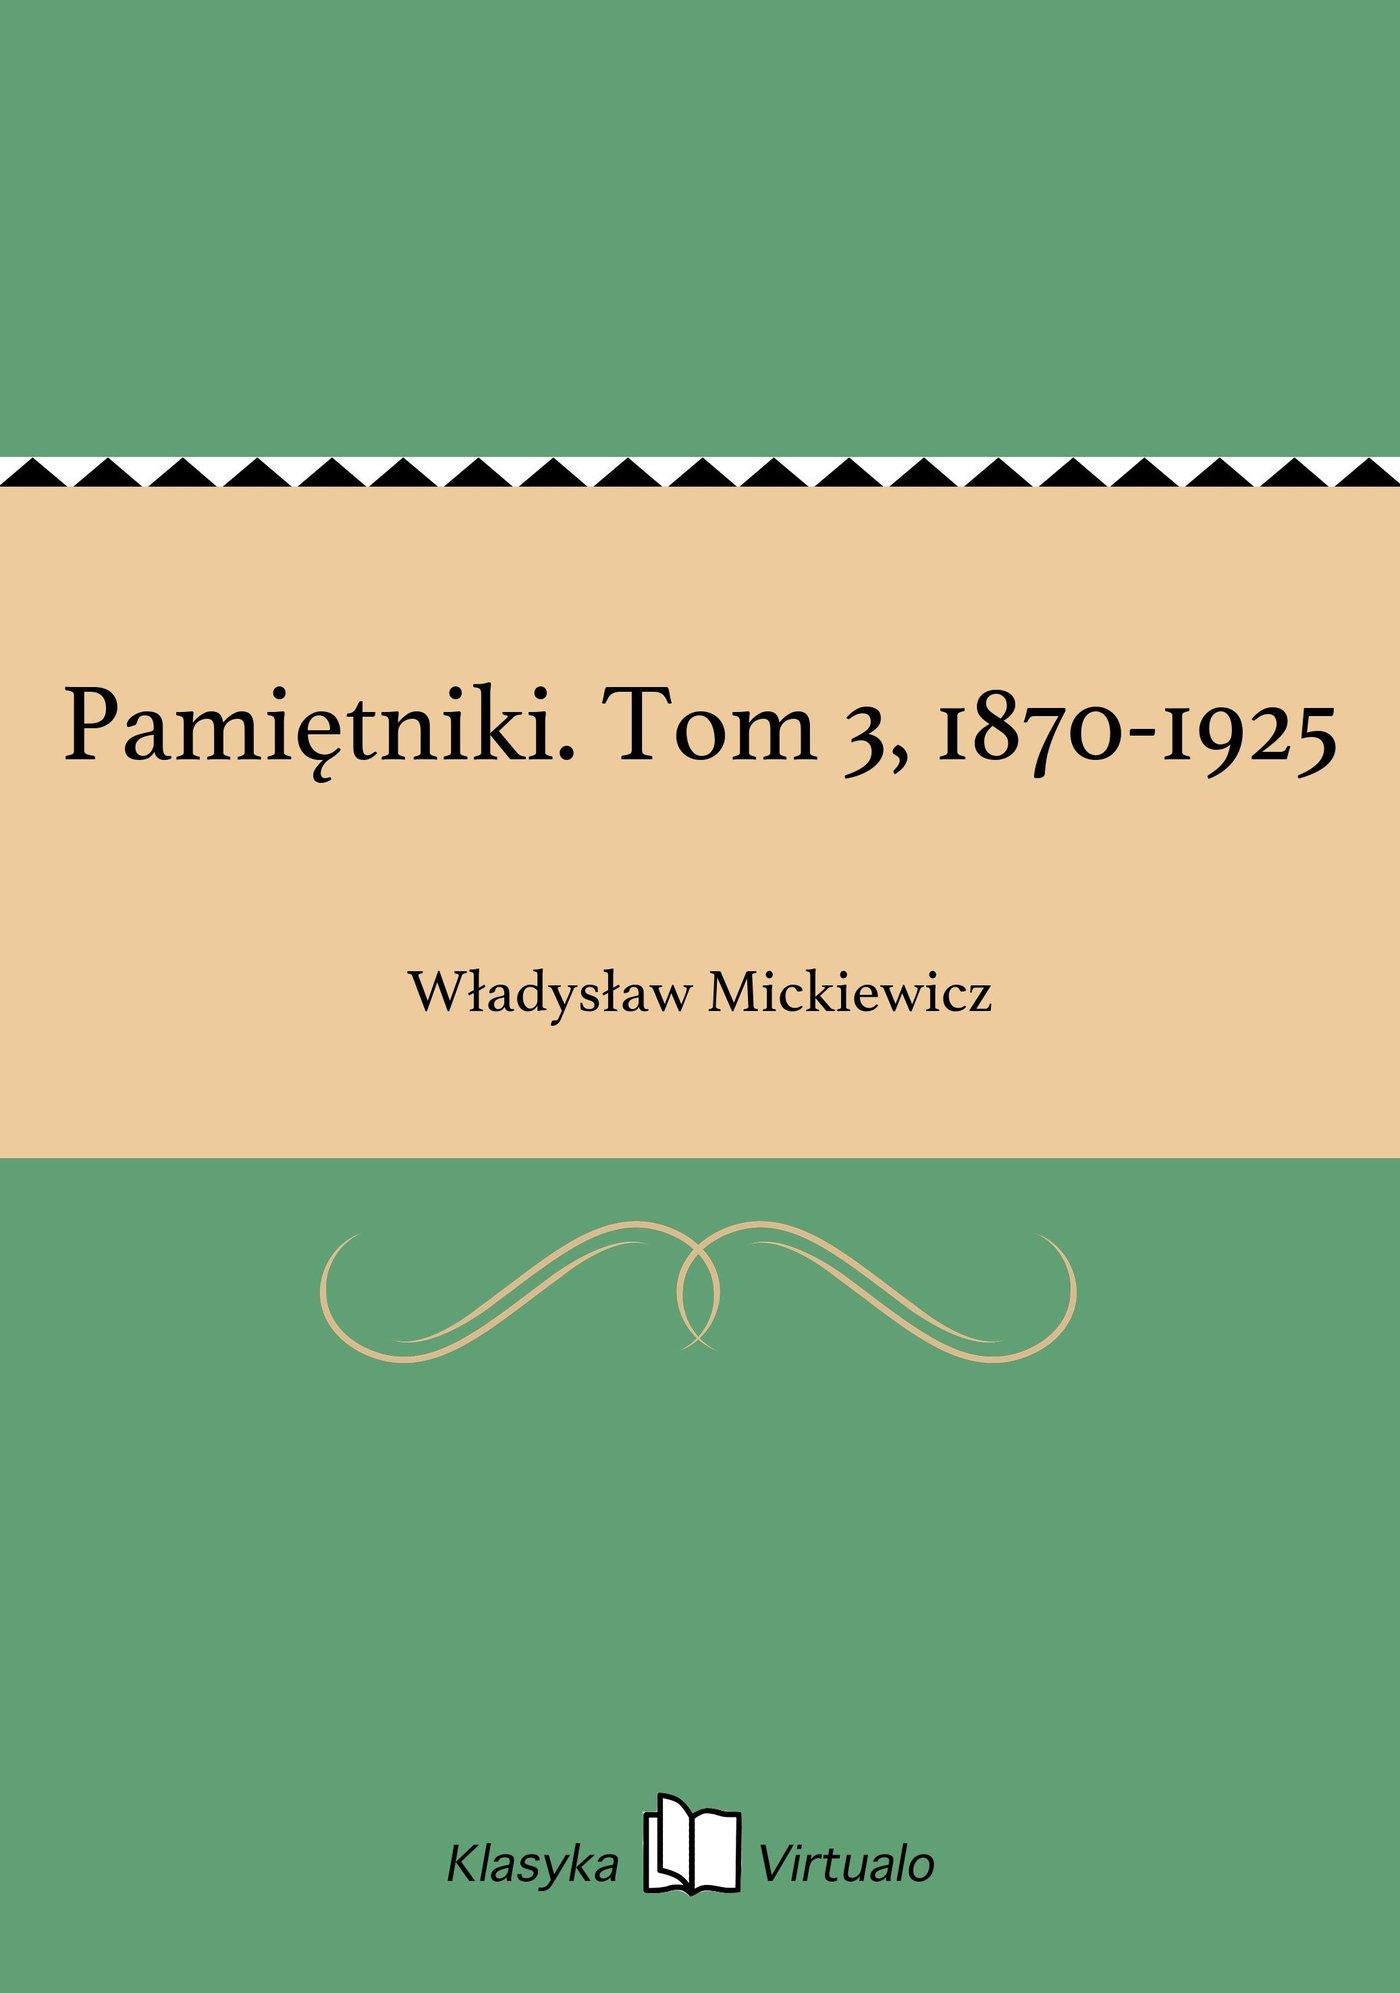 Pamiętniki. Tom 3, 1870-1925 - Ebook (Książka EPUB) do pobrania w formacie EPUB